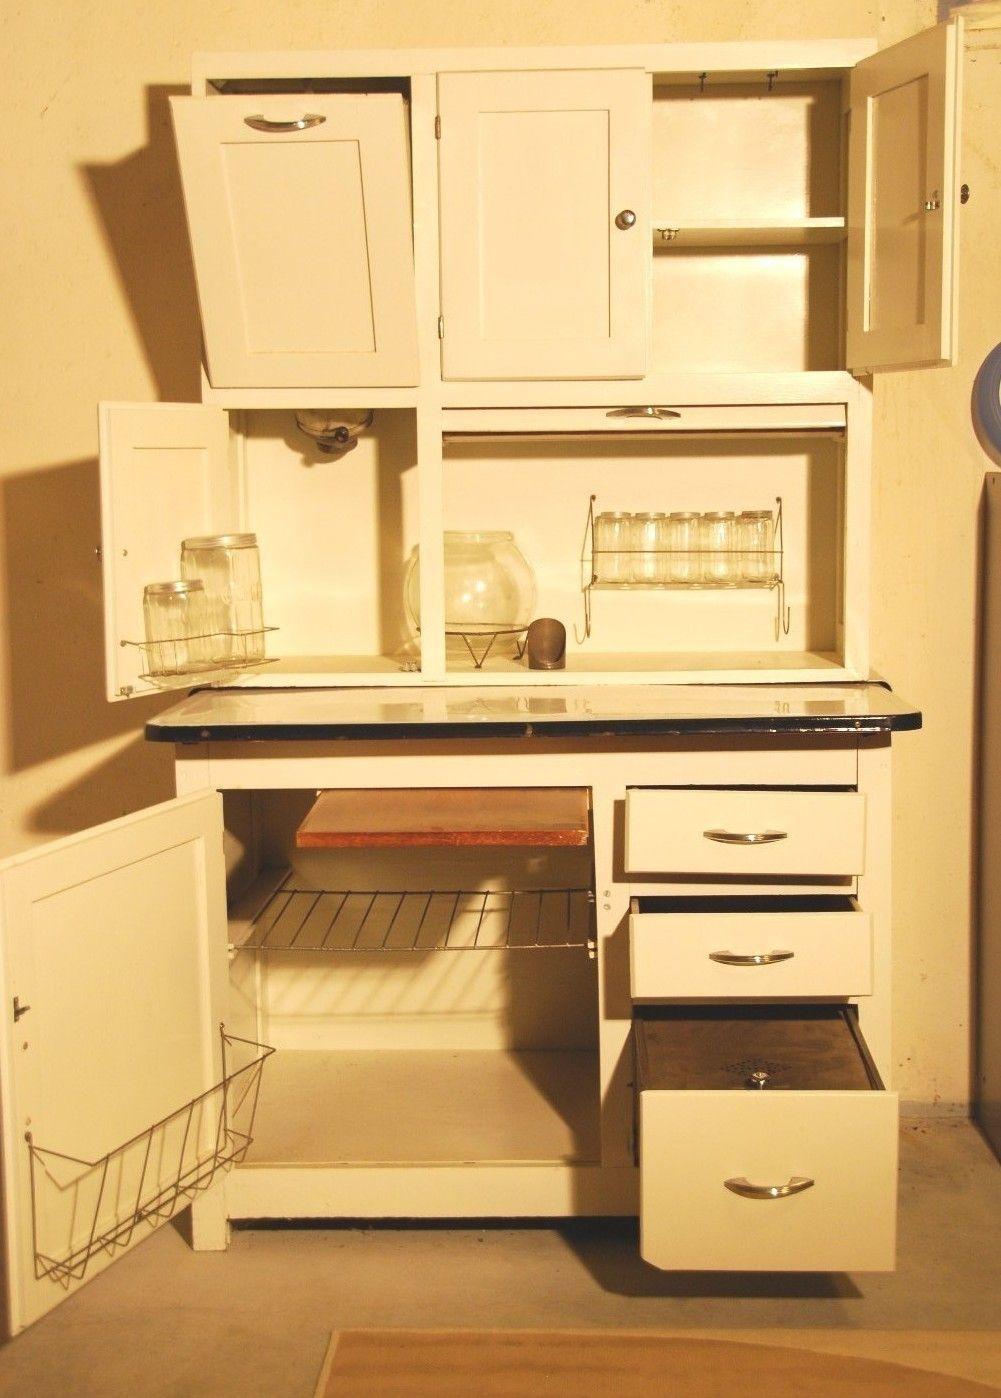 Sellers Kitchen Cabinet Oak Hoosier Style Mcdougall Cabinet W Flour Bin Jars